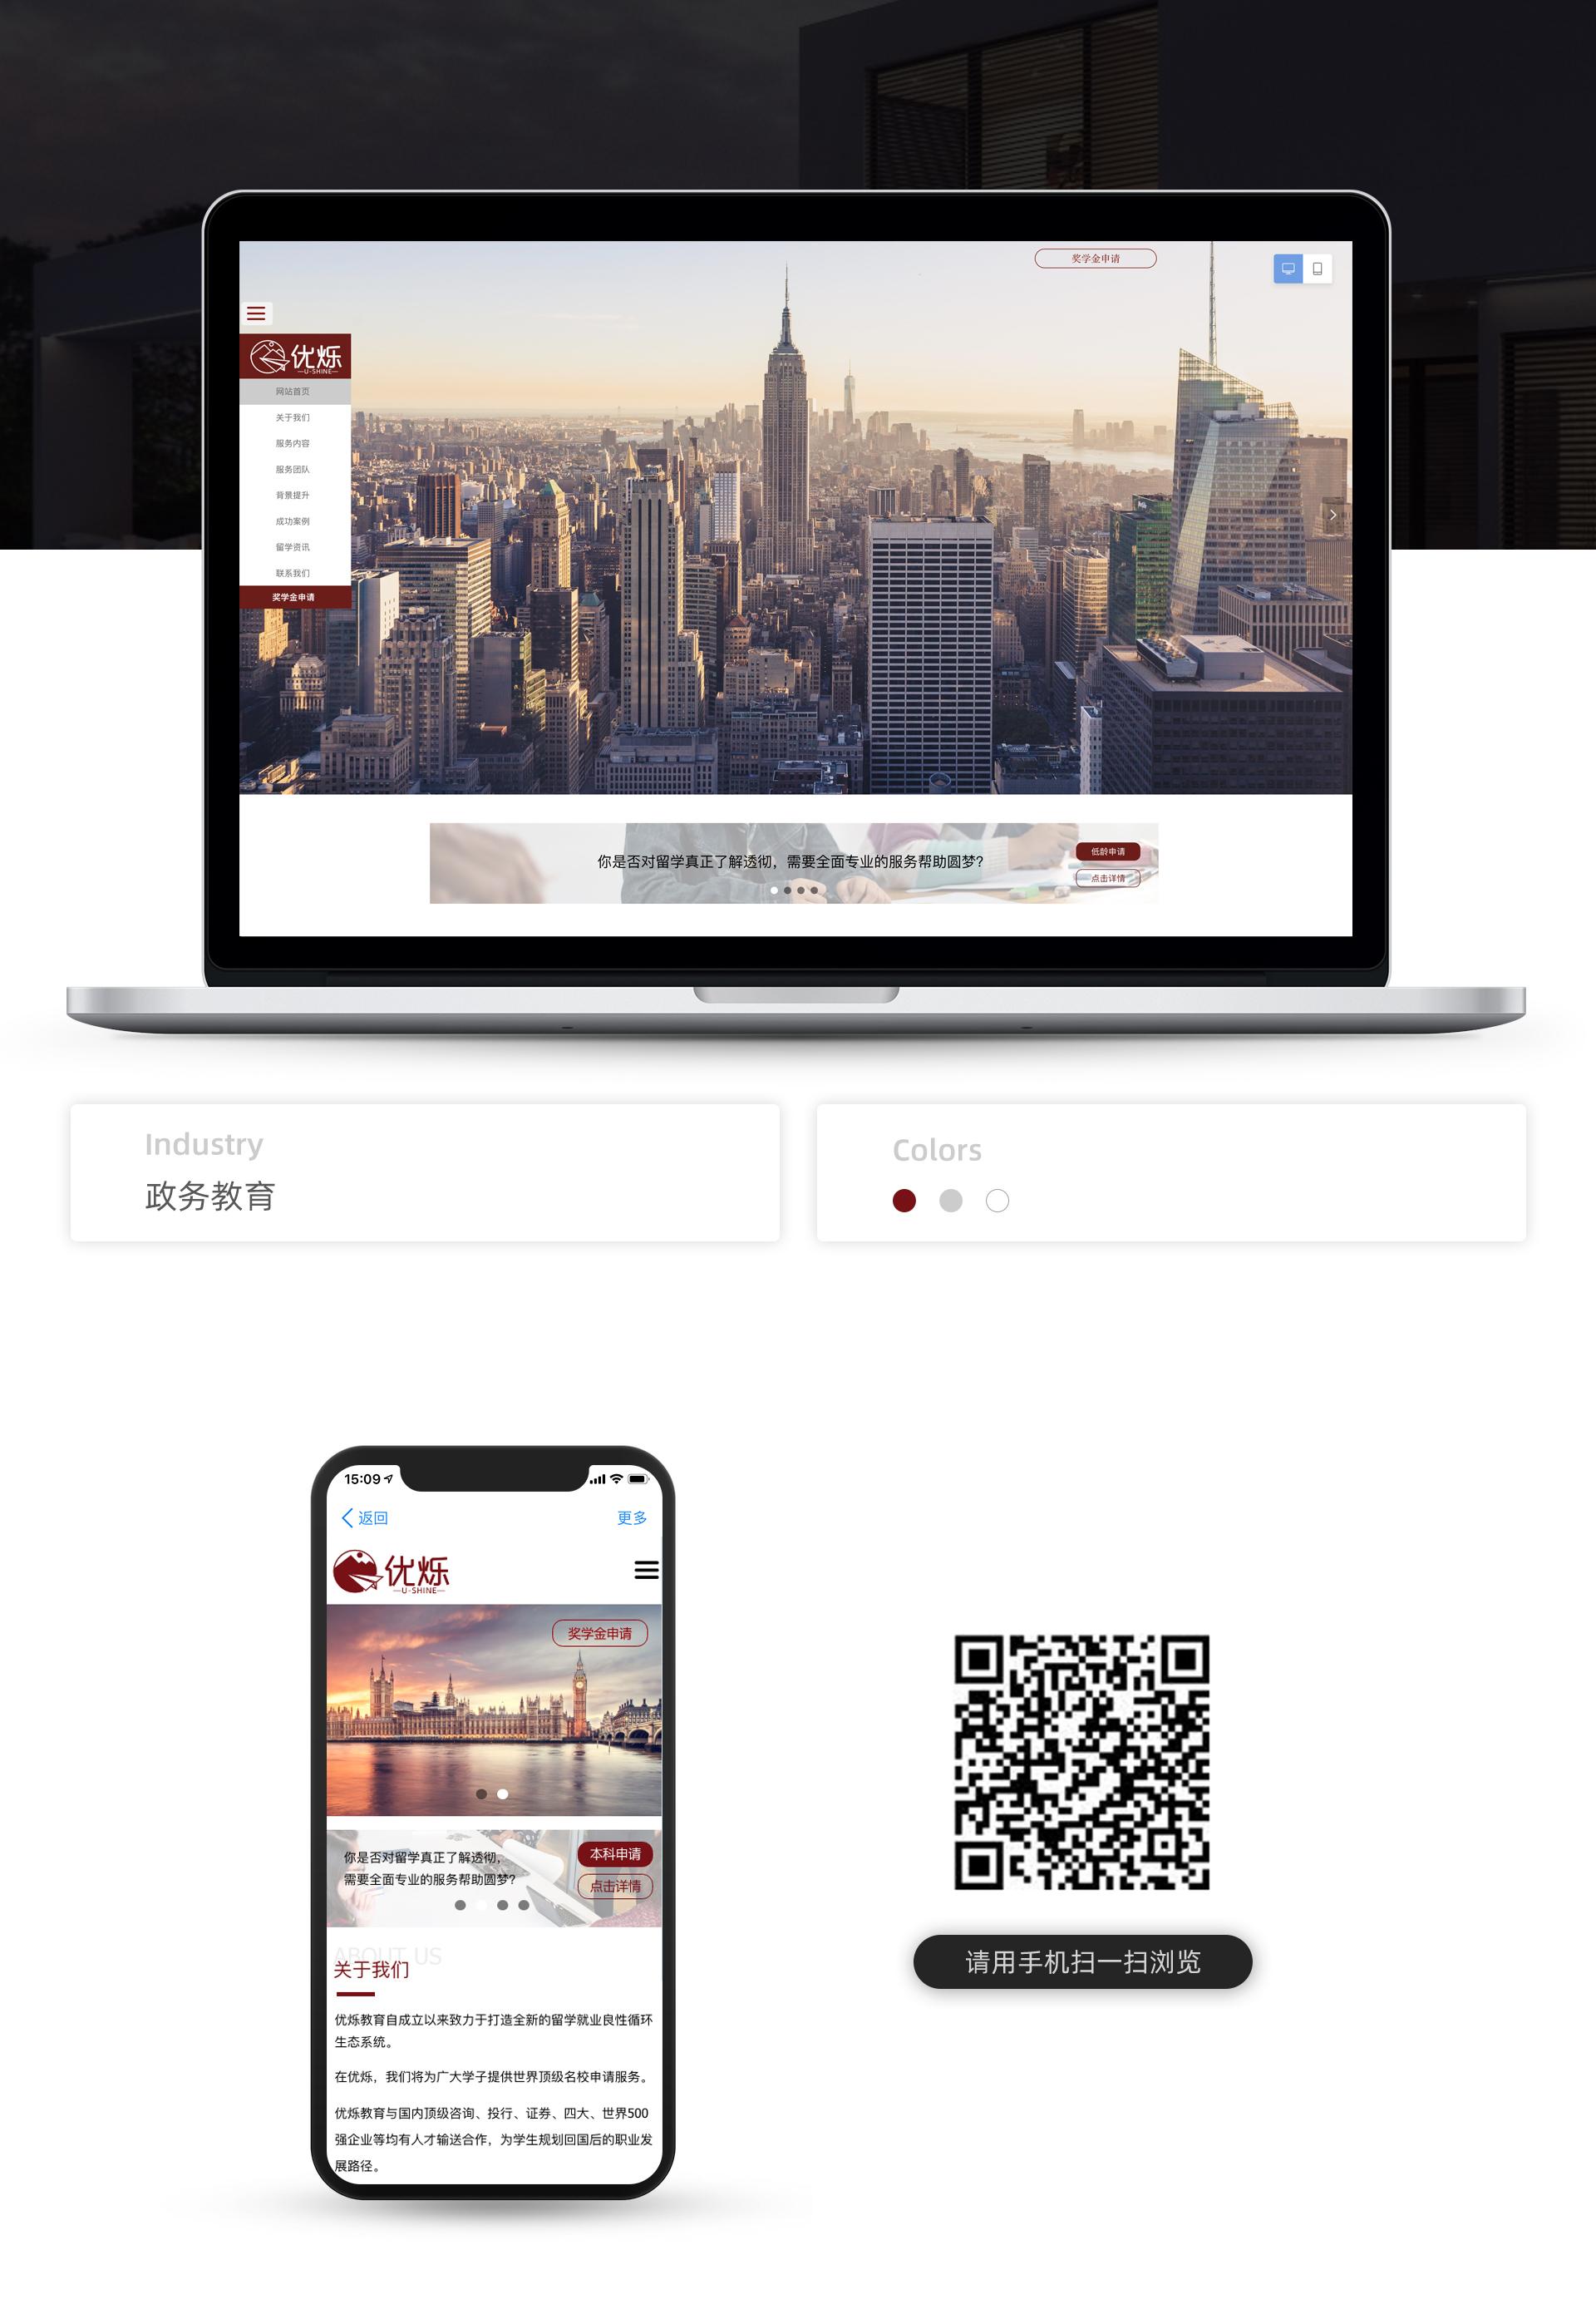 内页-云企案例设计简介-有手机版203979303570835